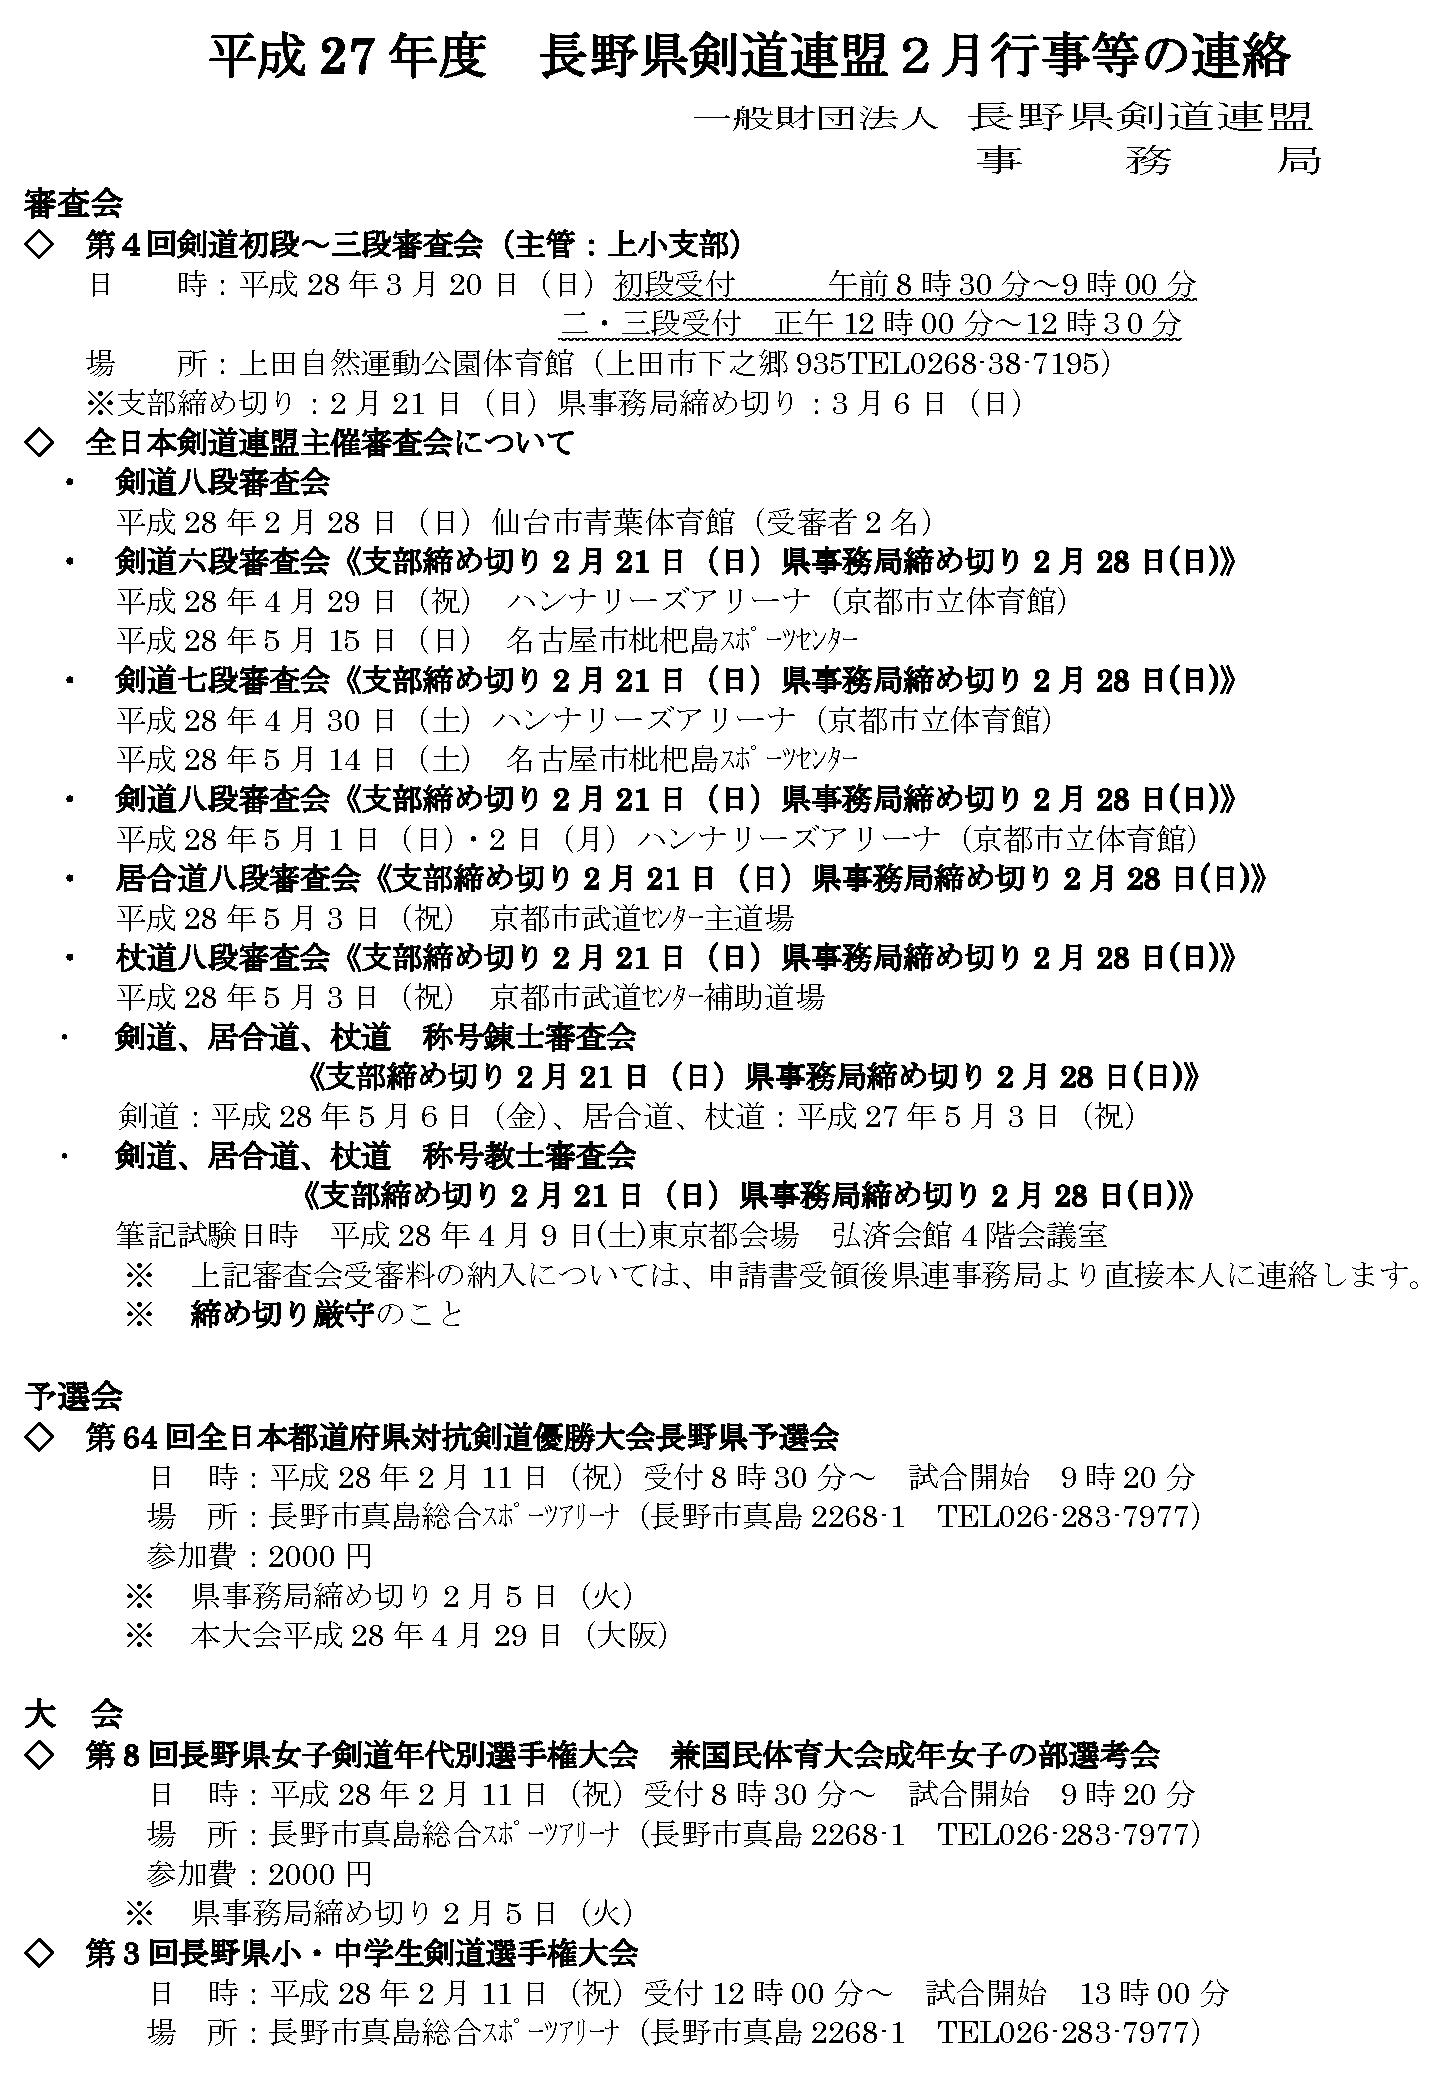 160126_gyouji_01